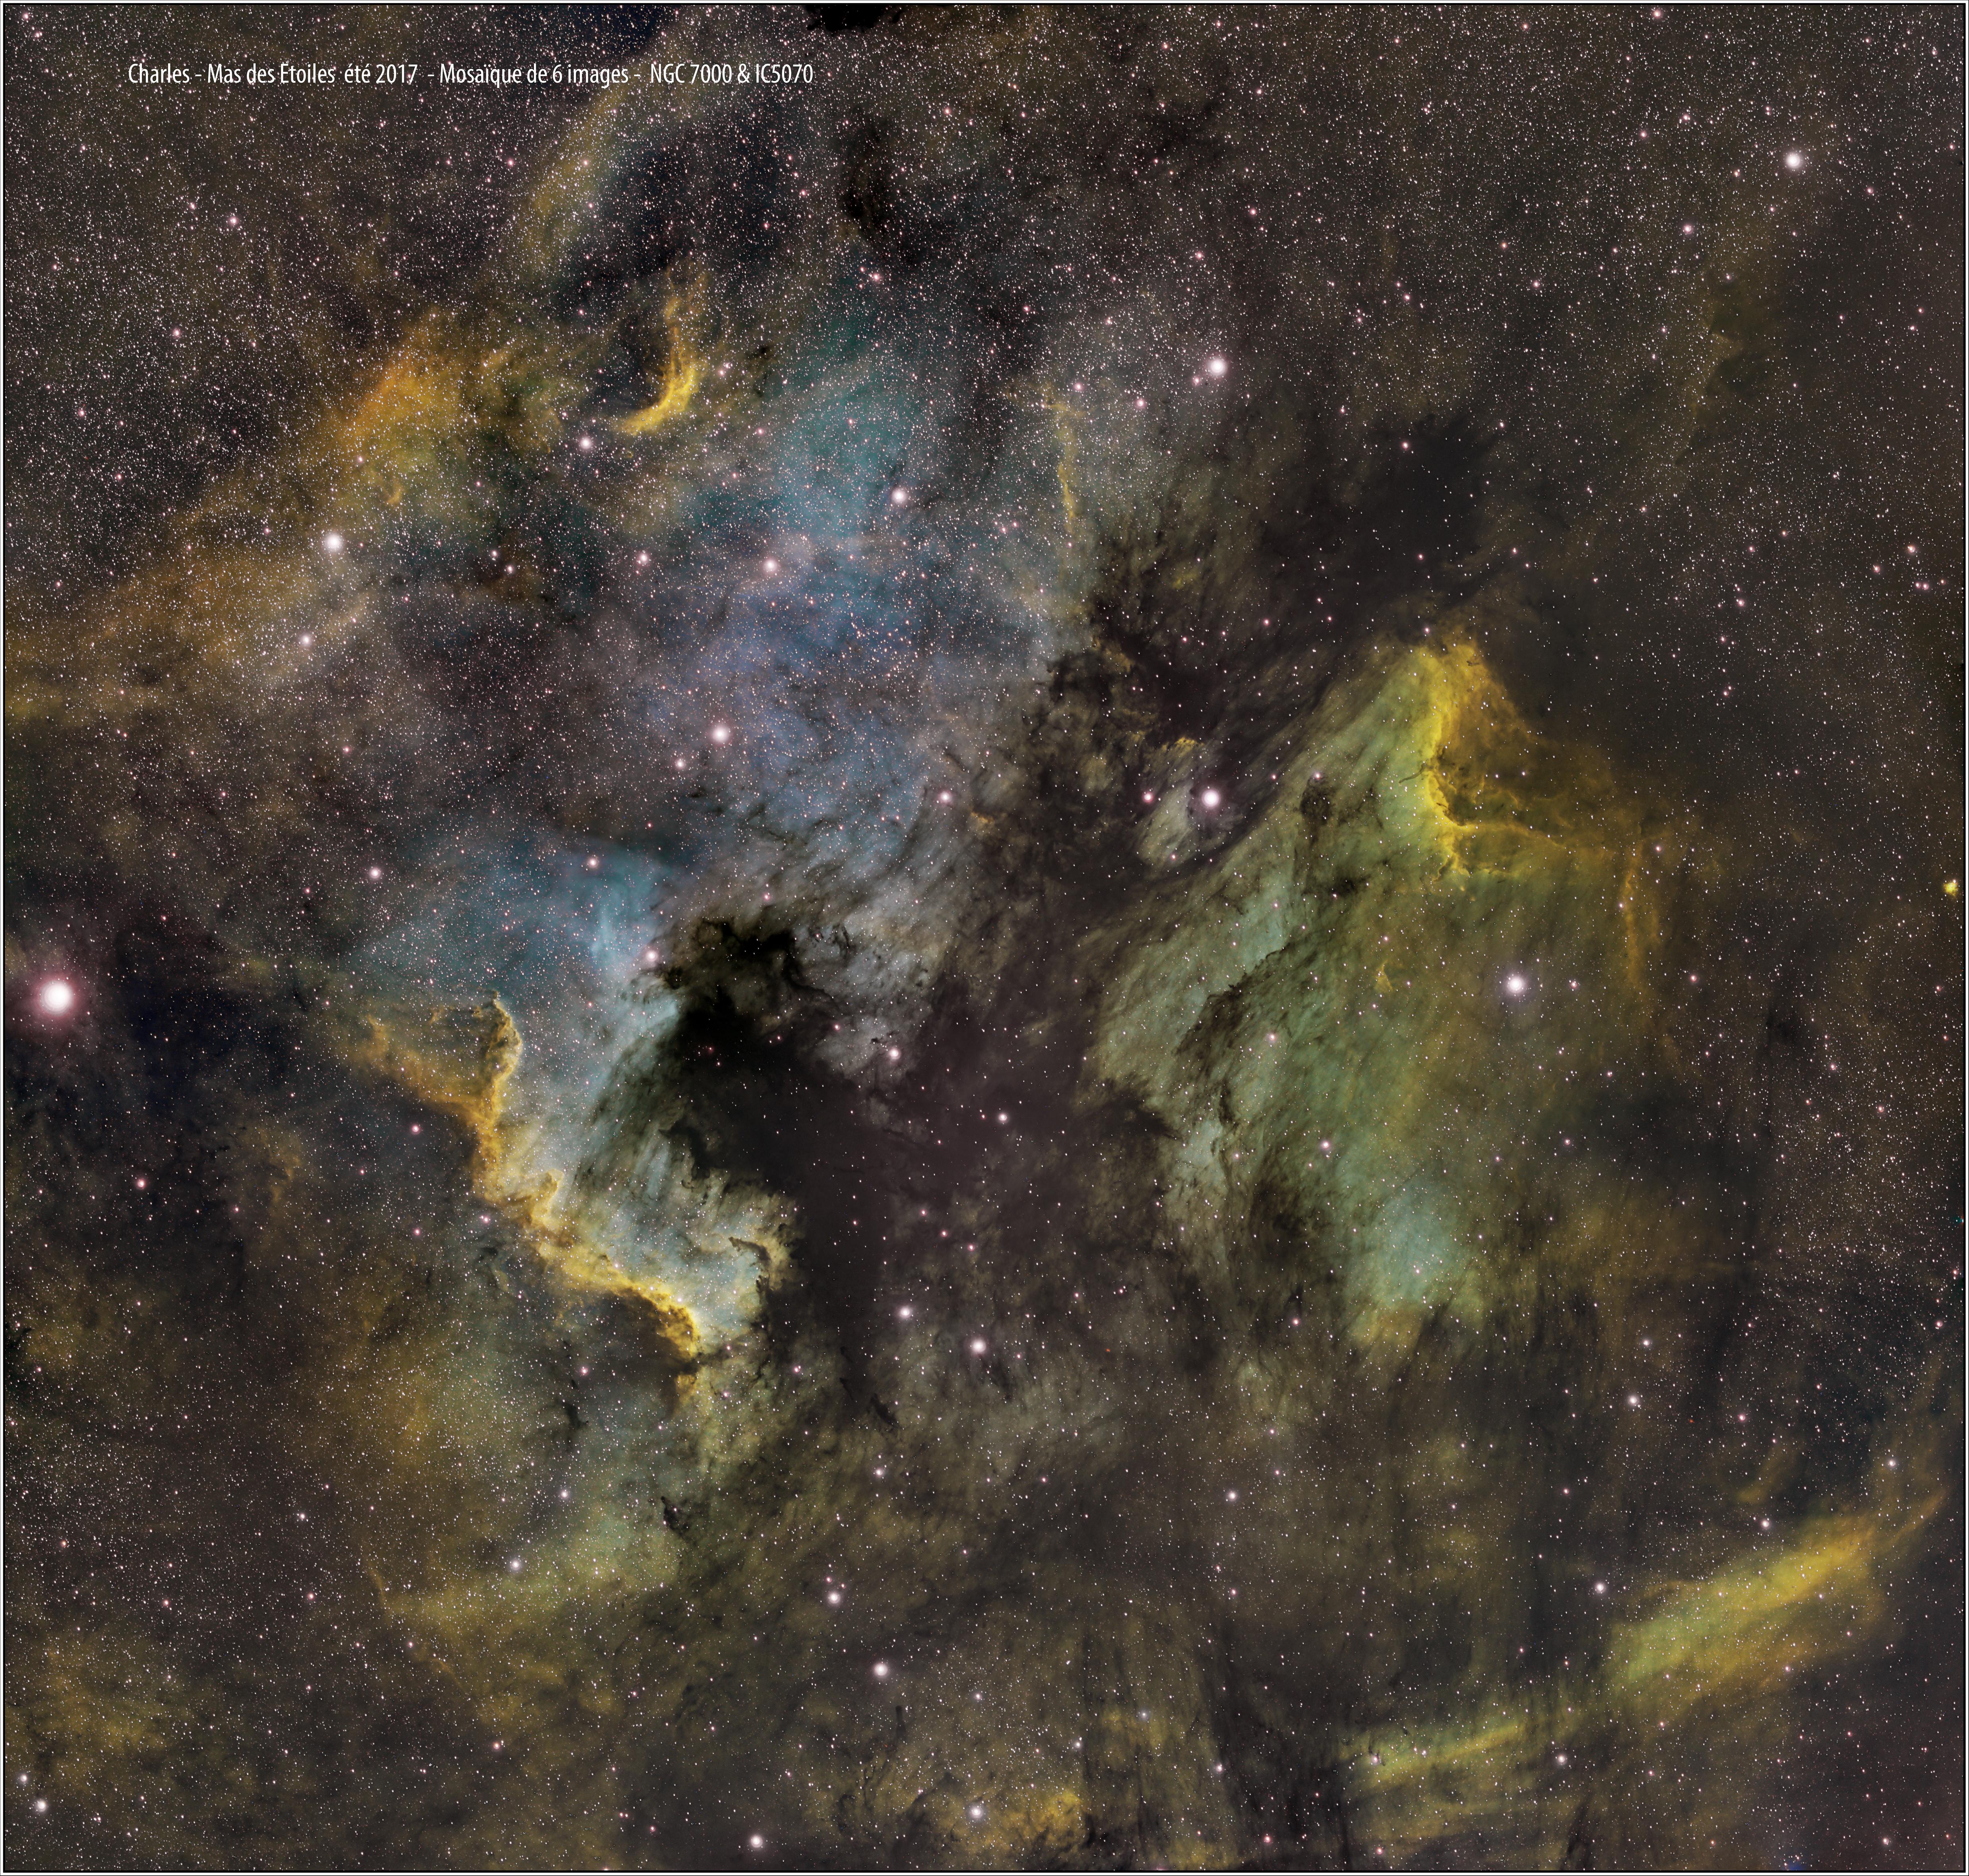 NGC7000 & IC 5070 Mosa_NGC7000_IC5070_%20SHO